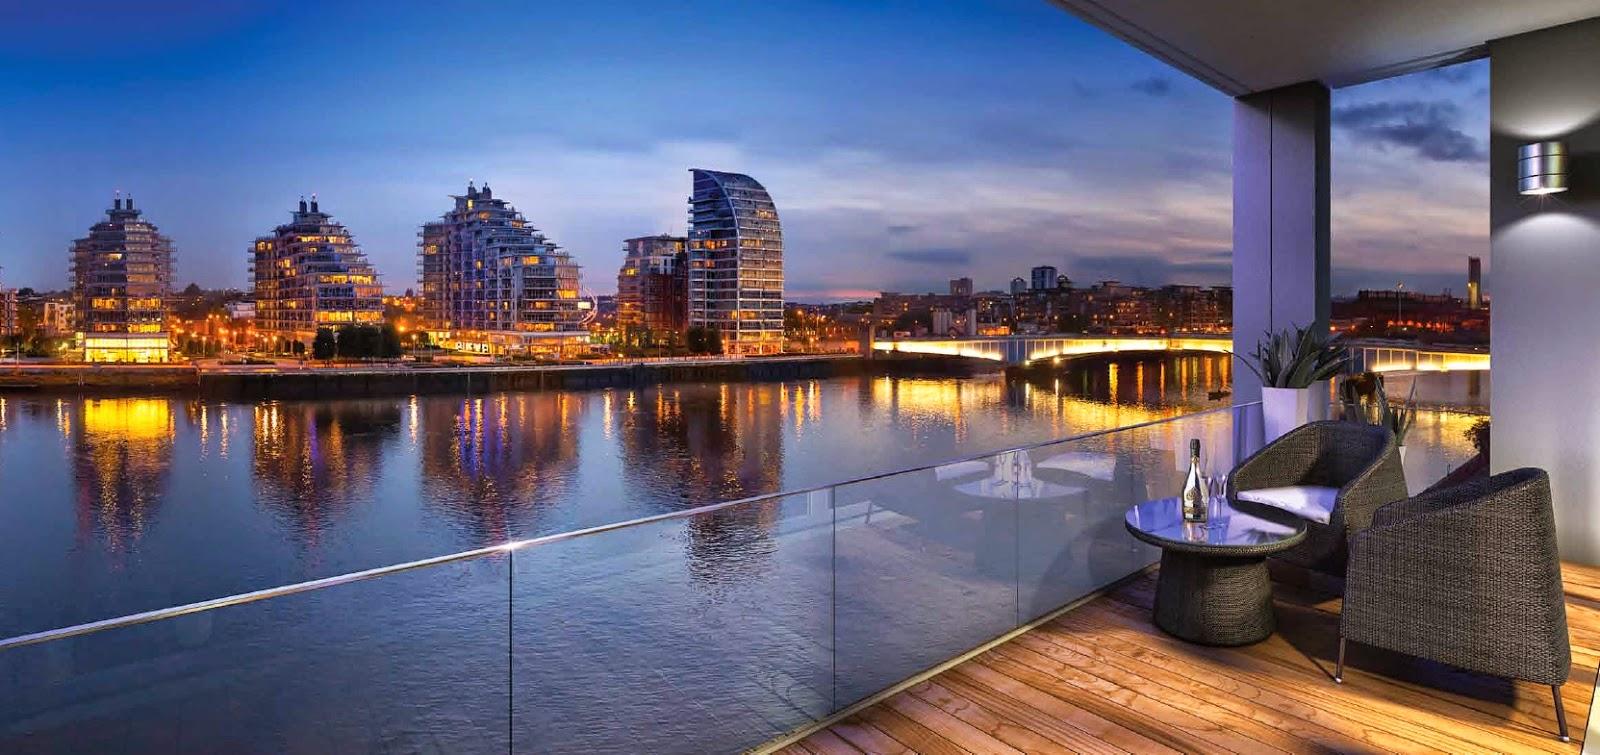 英國倫敦包租買房-富勒姆景觀